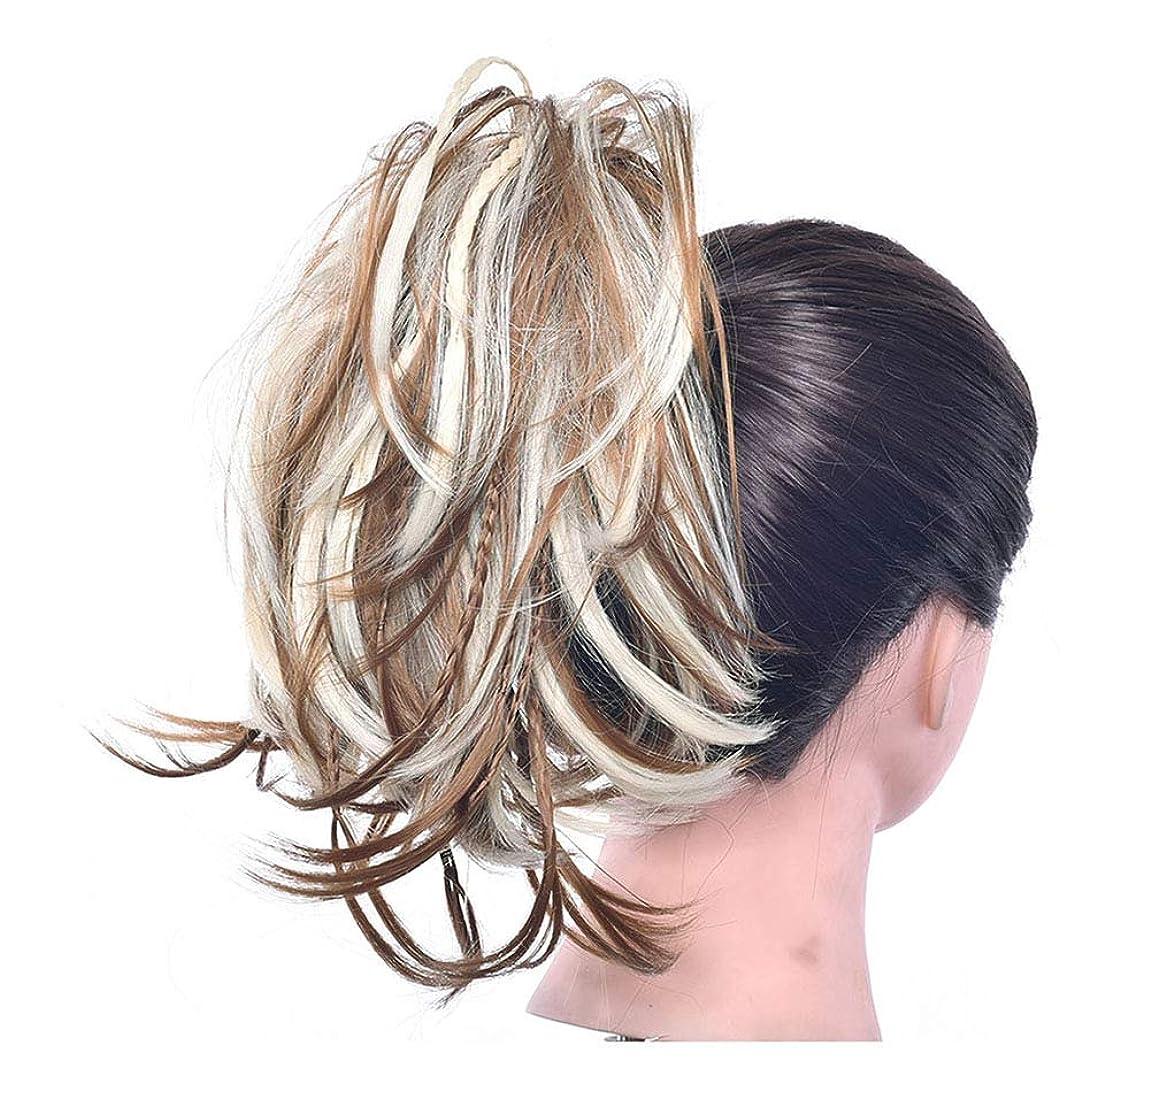 鋼フリンジ水曜日ポニーテールシニョンドーナツアップリボンアクセサリー、女性のためのカーリー波状の作品、乱雑な髪のお団子のシュシュ拡張